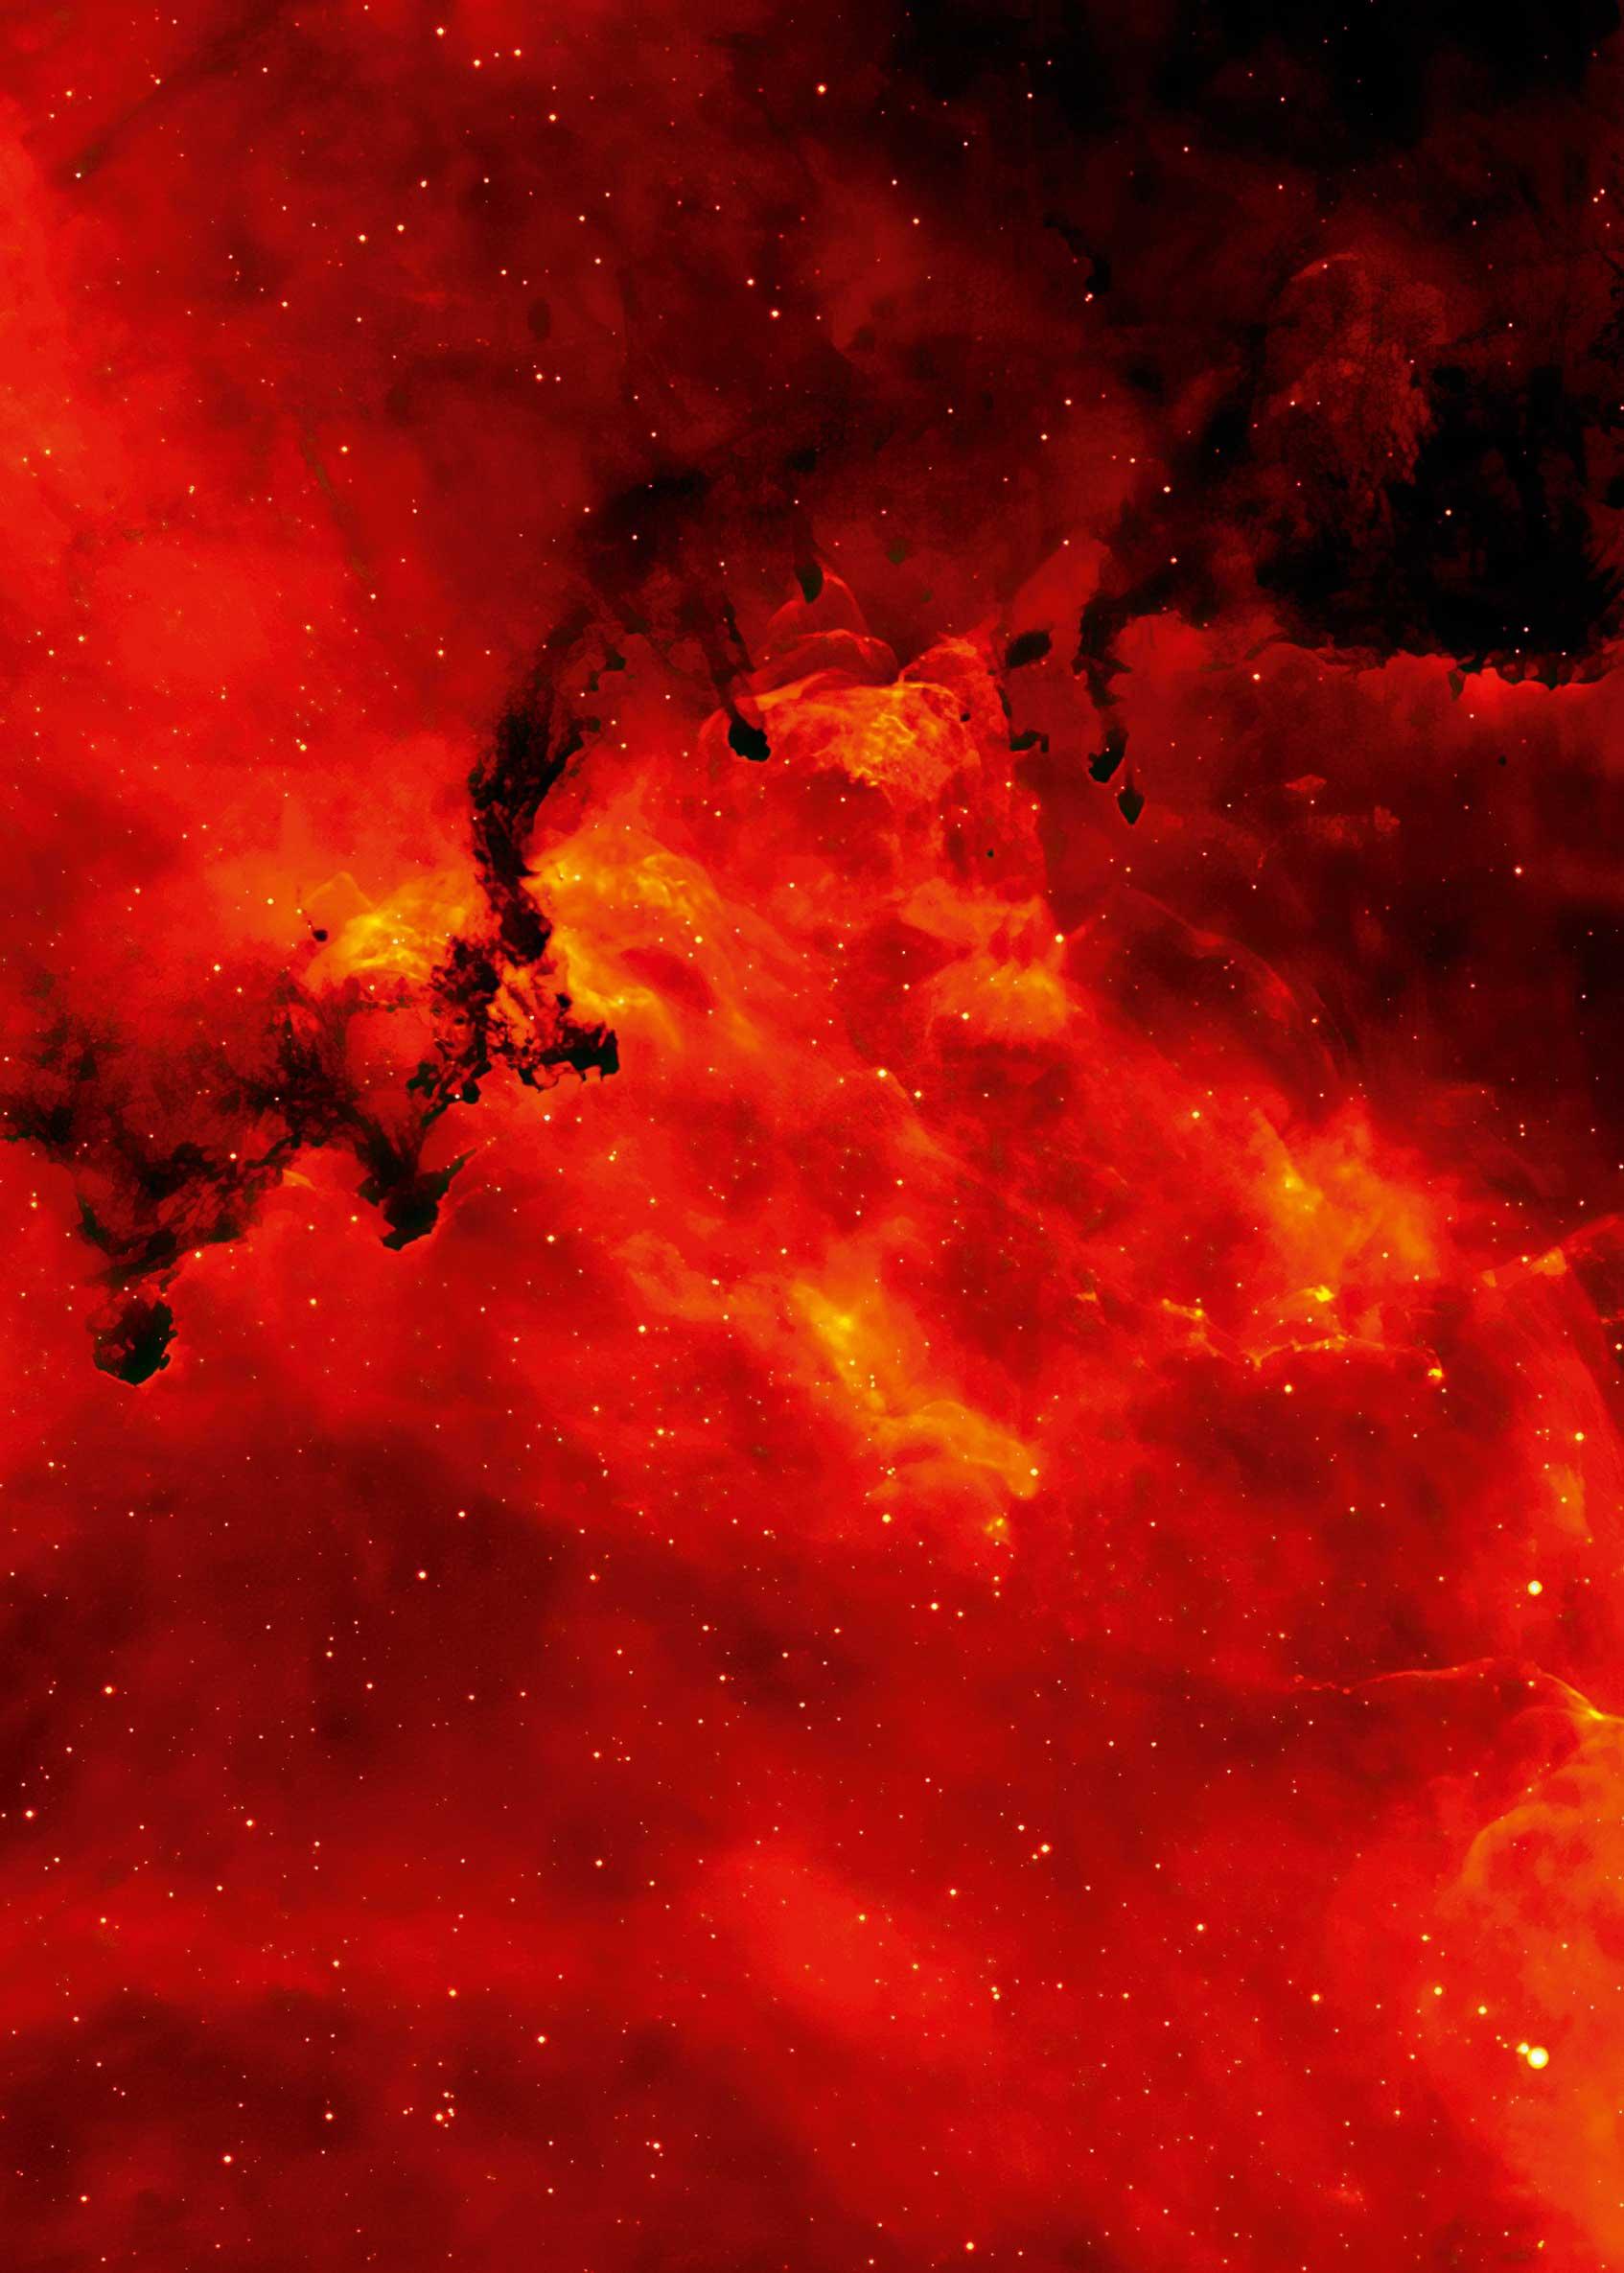 S. 118 © Nick Wright (University College London), IPHAS Collaboration; service of EUD at NASA/ GSFC Ein Ausschnitt des leuchtenden Rosetta-Nebels im Abstand von 5200 Lichtjahren mit kleineren Staubglobulen im Vordergrund, die ca. ein halbes Lichtjahr groß sind. Neu entstandene Sterne lassen diesen Staubnebel – wie den Himmel bei Sonnenaufgang – rot erleuchten